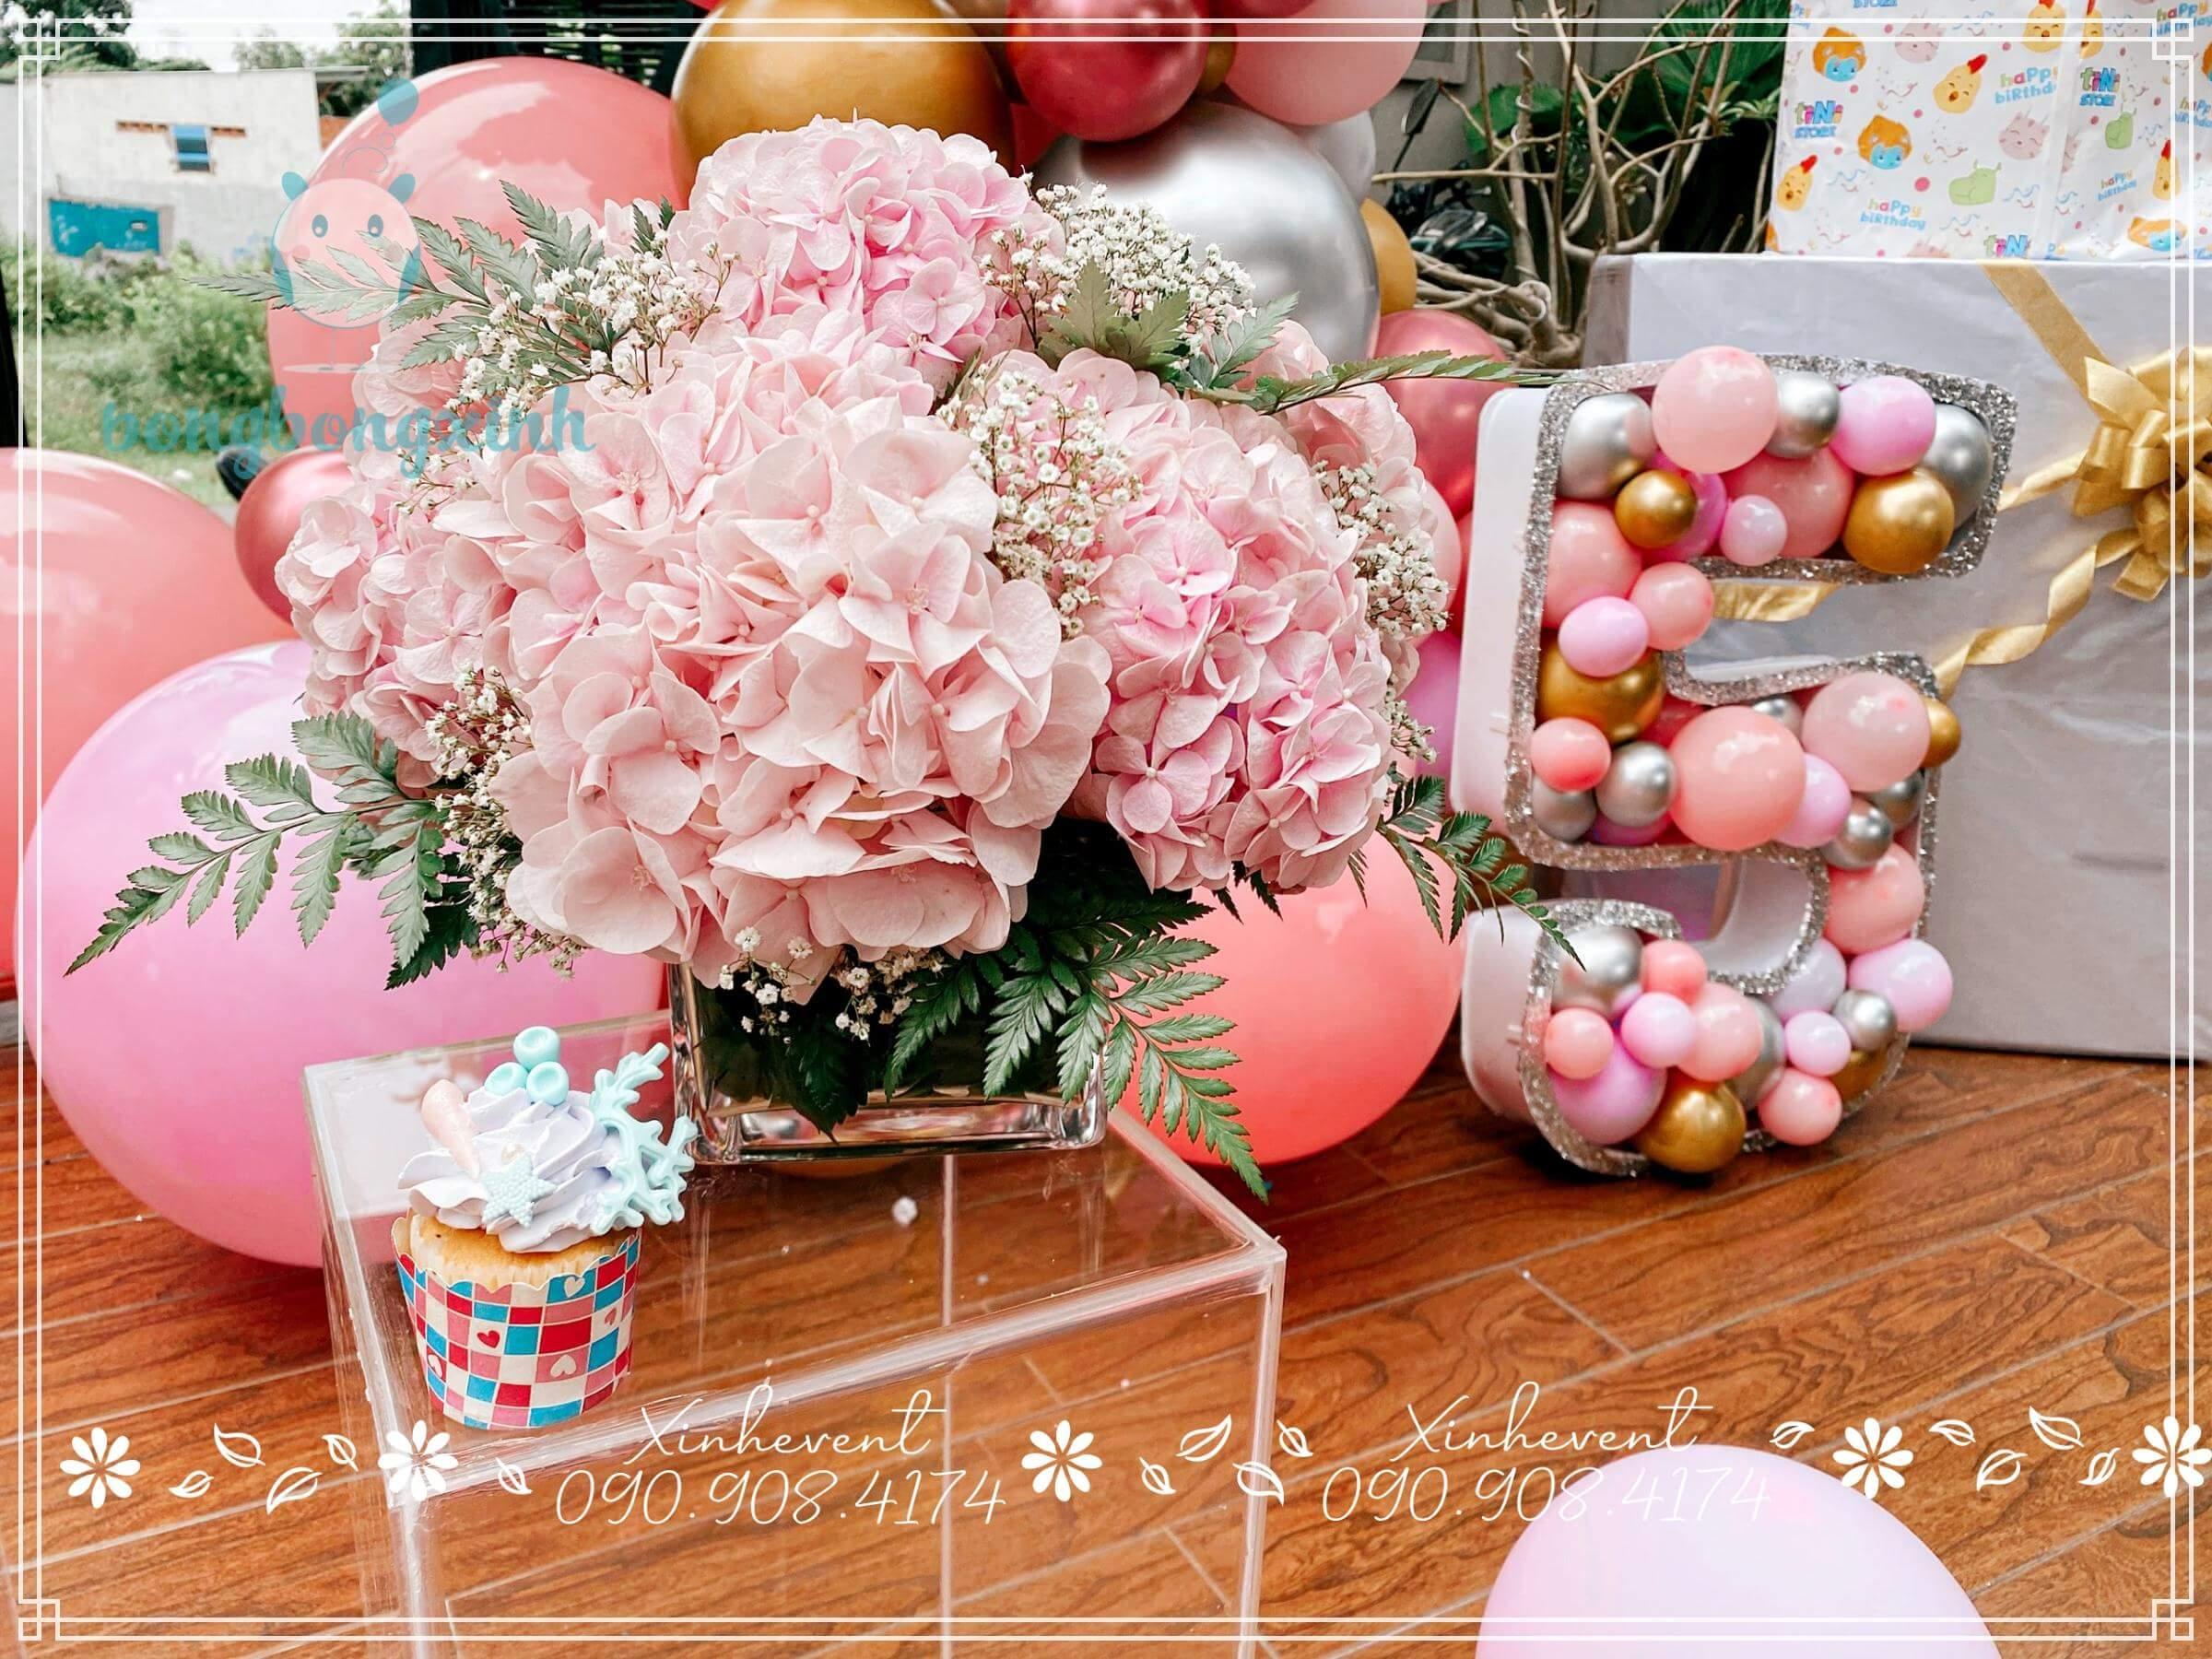 Bó hoa hồng cực xinh trang trí cho sinh nhật bé